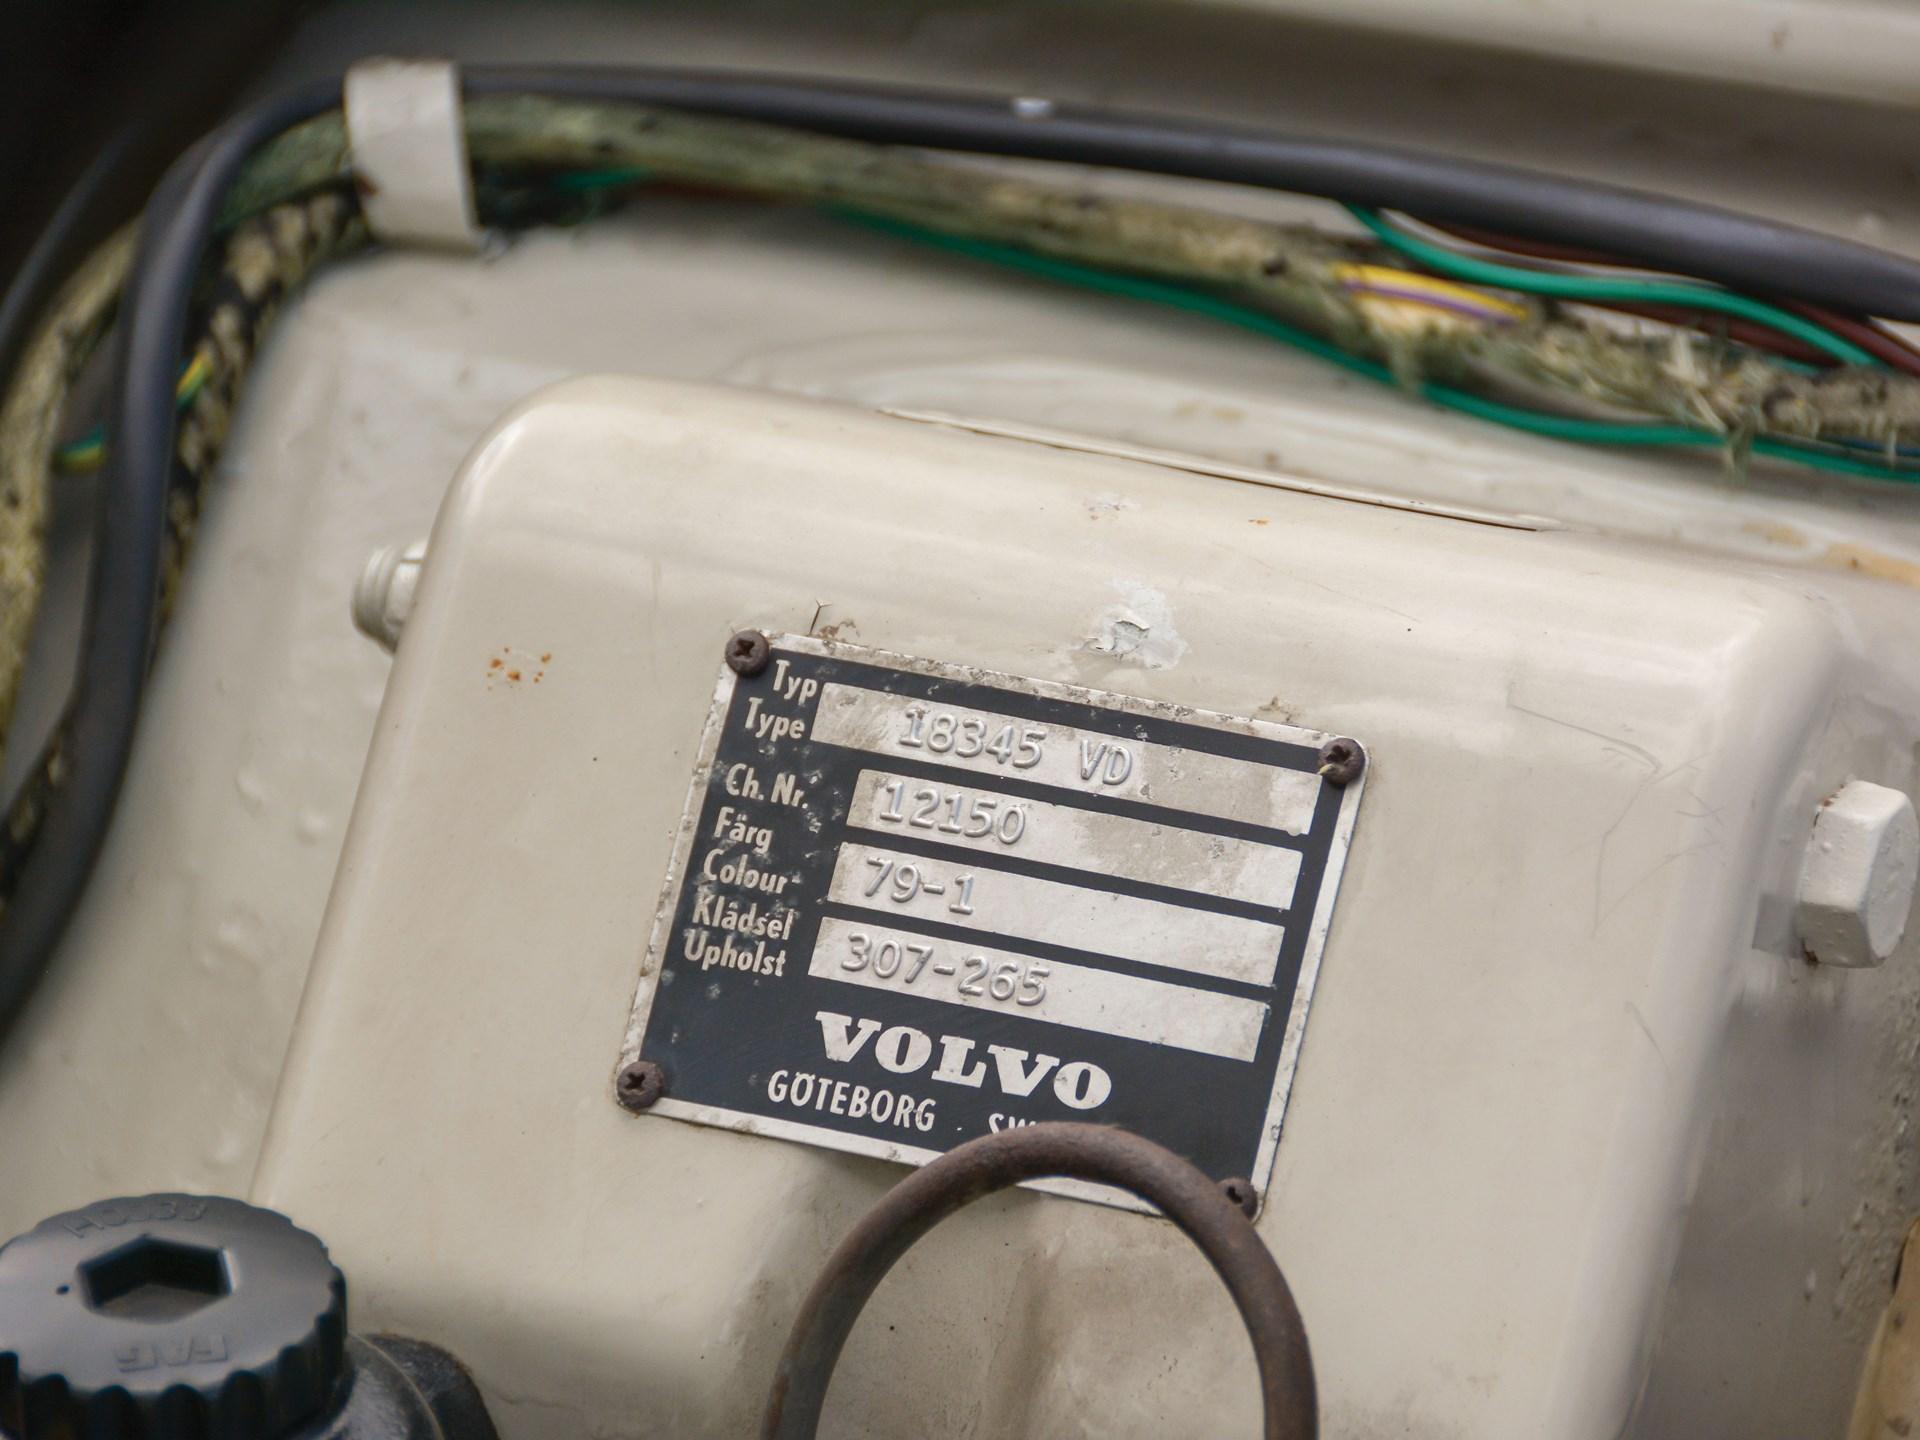 1965 Volvo 1800S vin tag